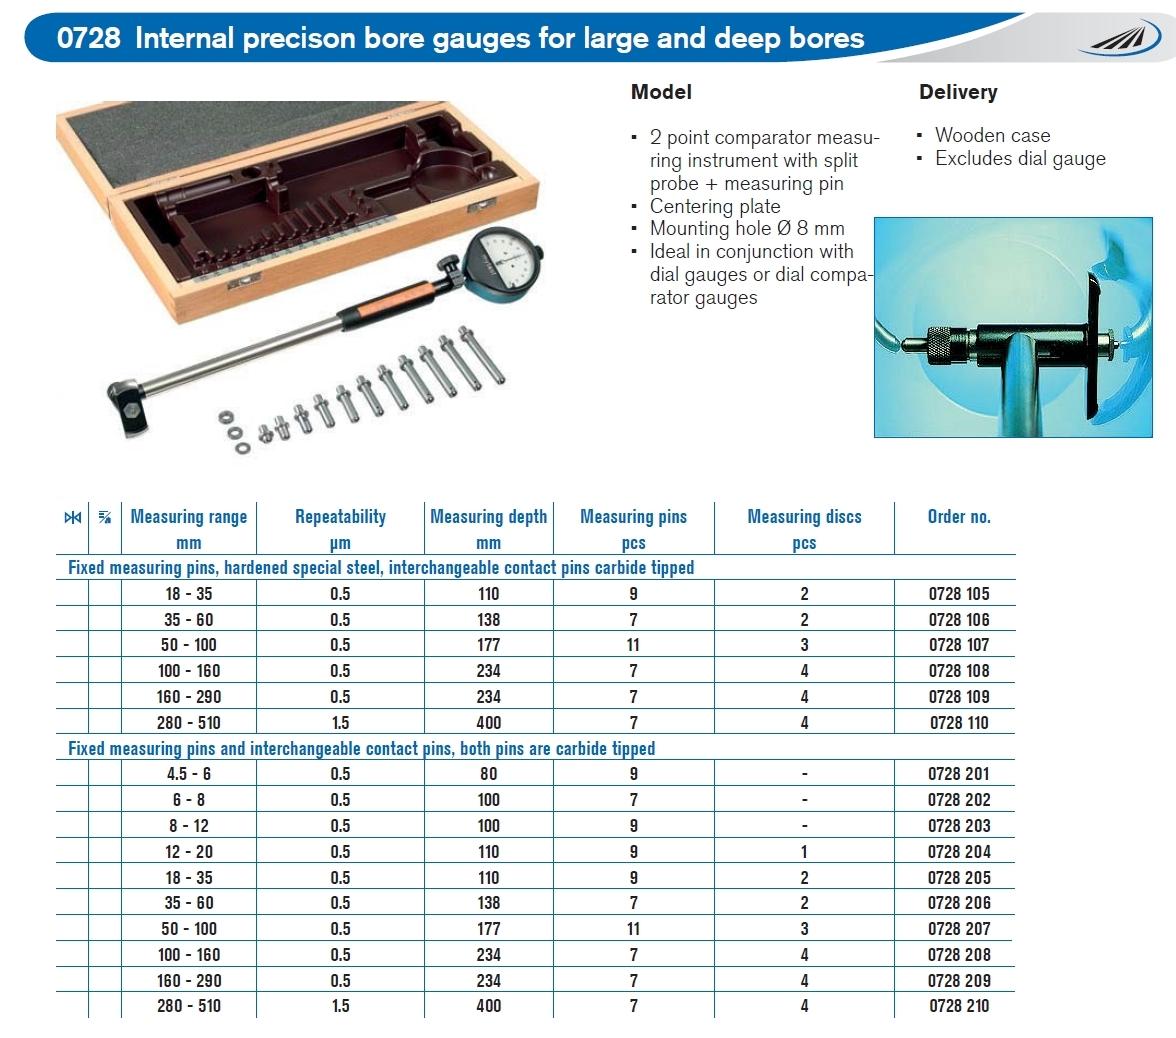 Helios Preisser haute précision sonde leçon 32 feuilles 0,03-1,0mm